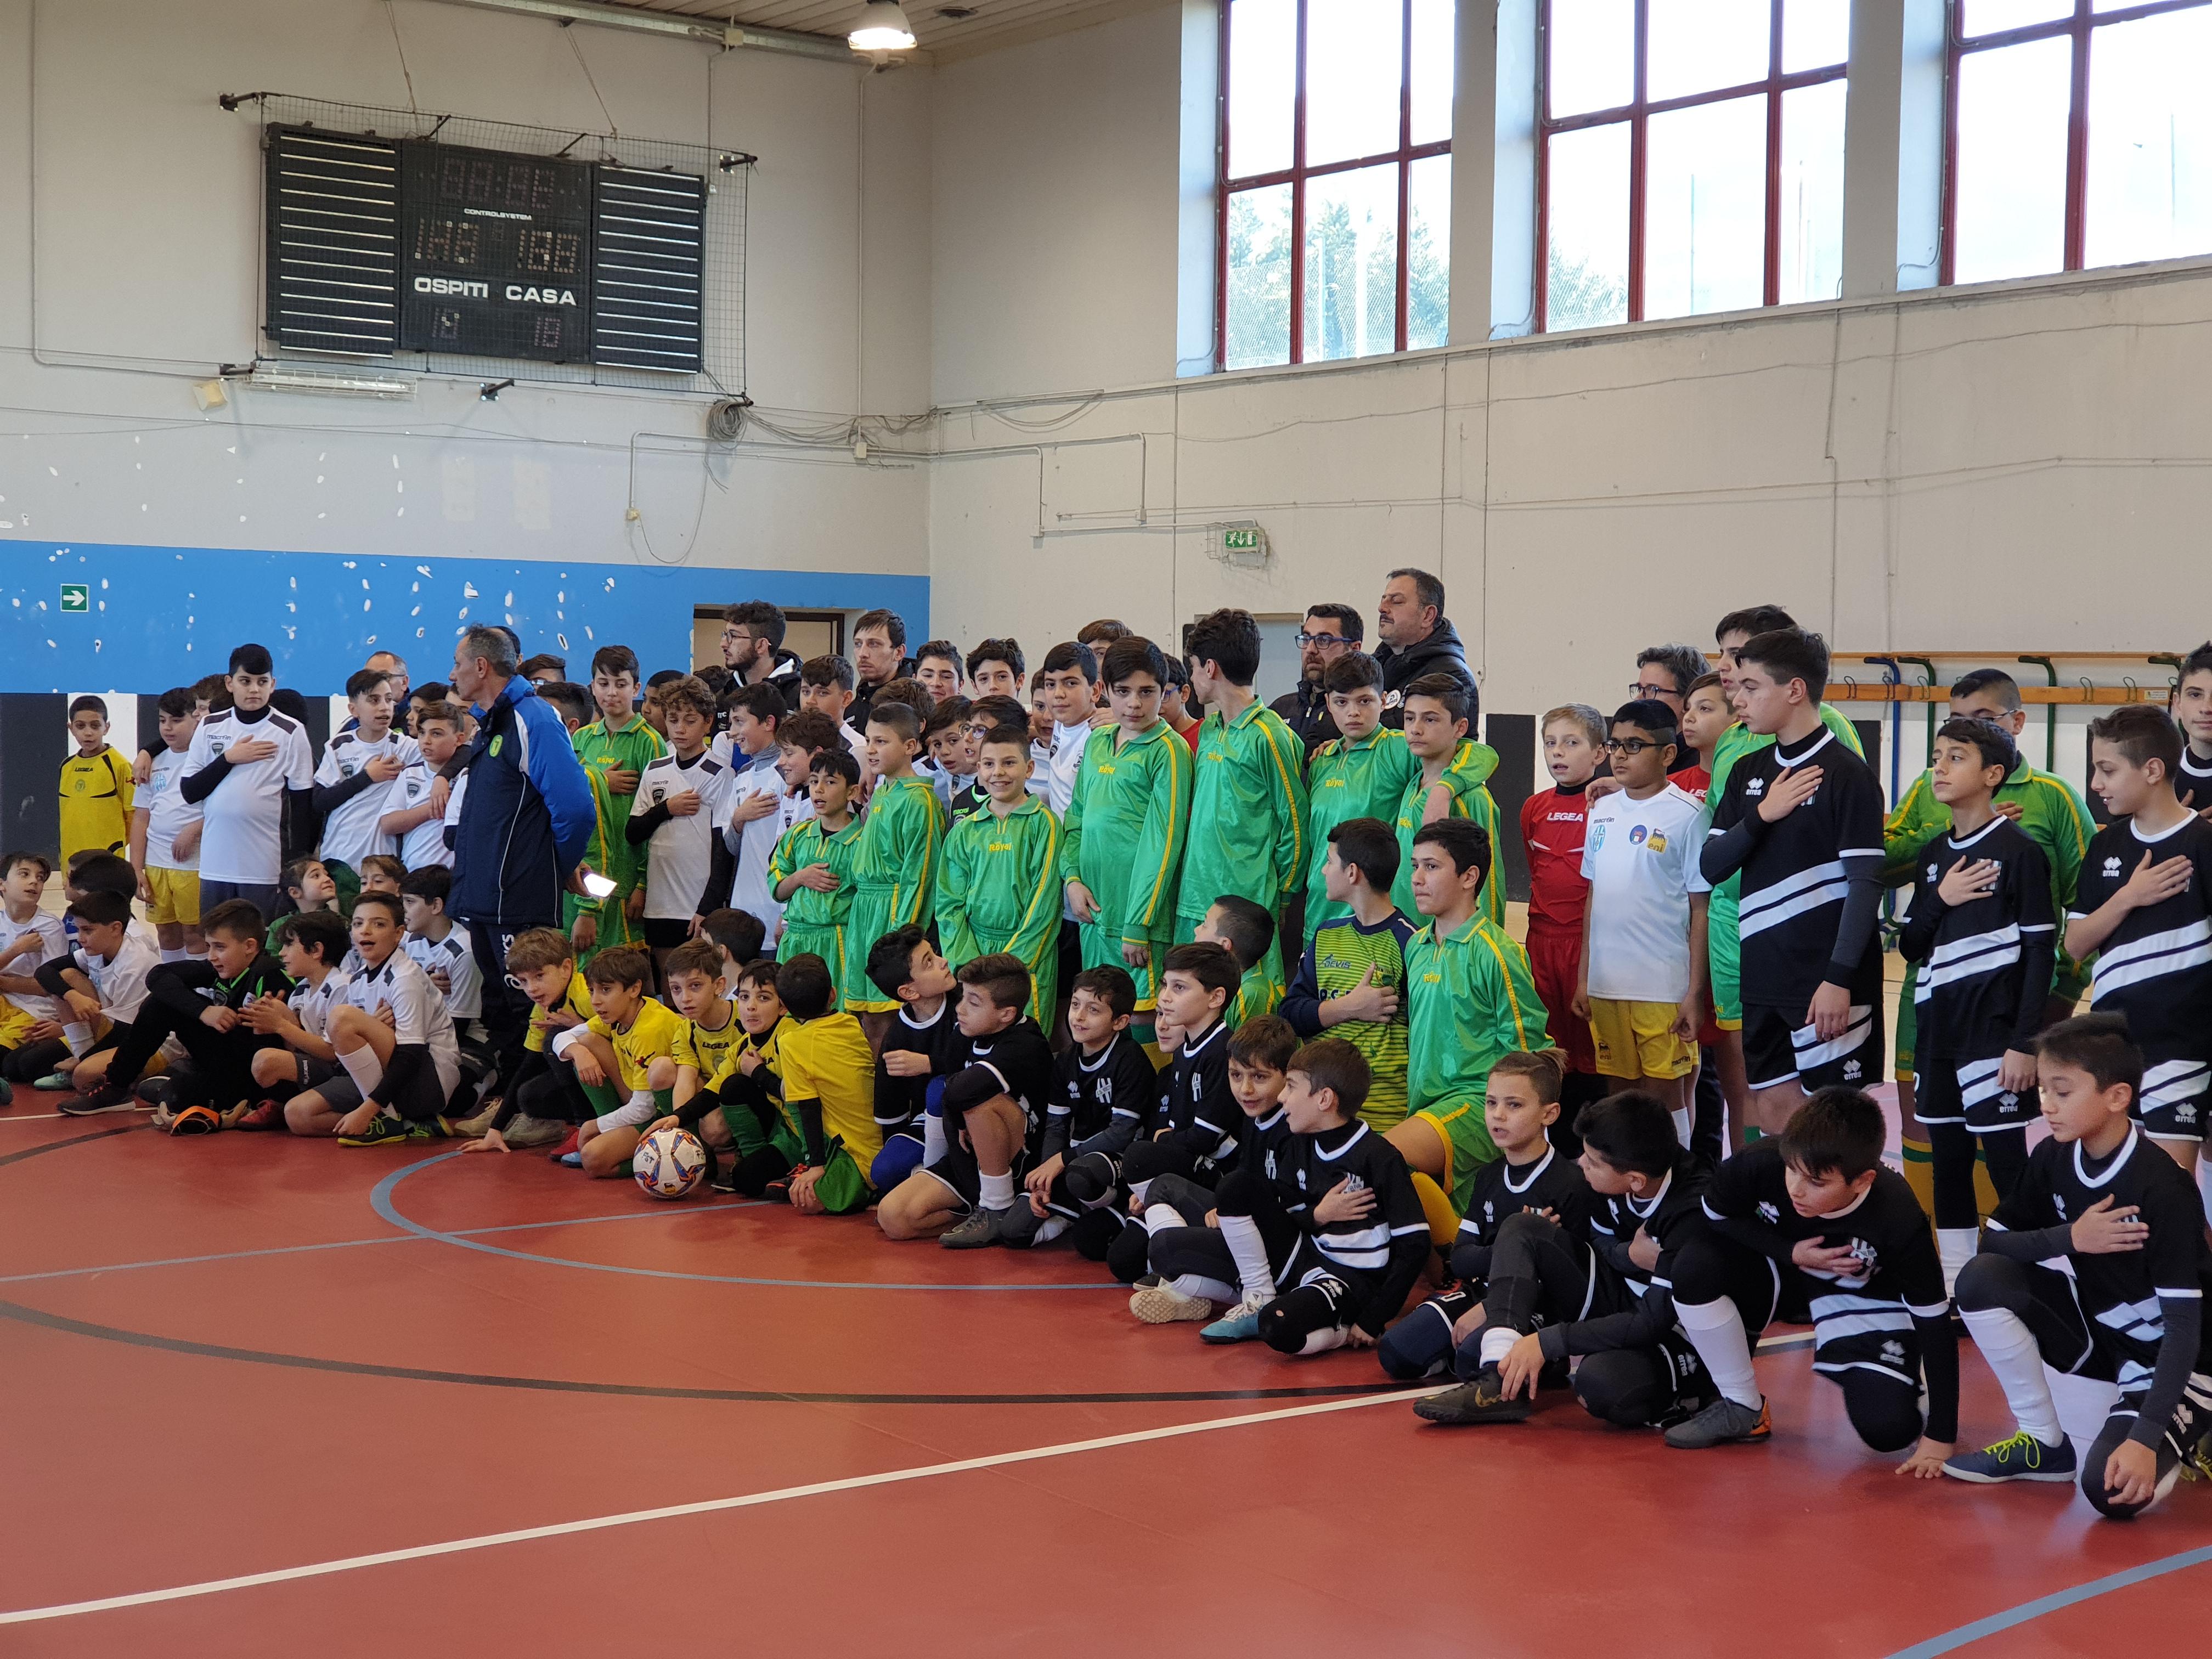 """I bimbi di Rionero e Melfi, speranze per il calcio. Il presidente Rinaldi: """"Non permetteremo che il nostro sport sia preso in ostaggio"""""""